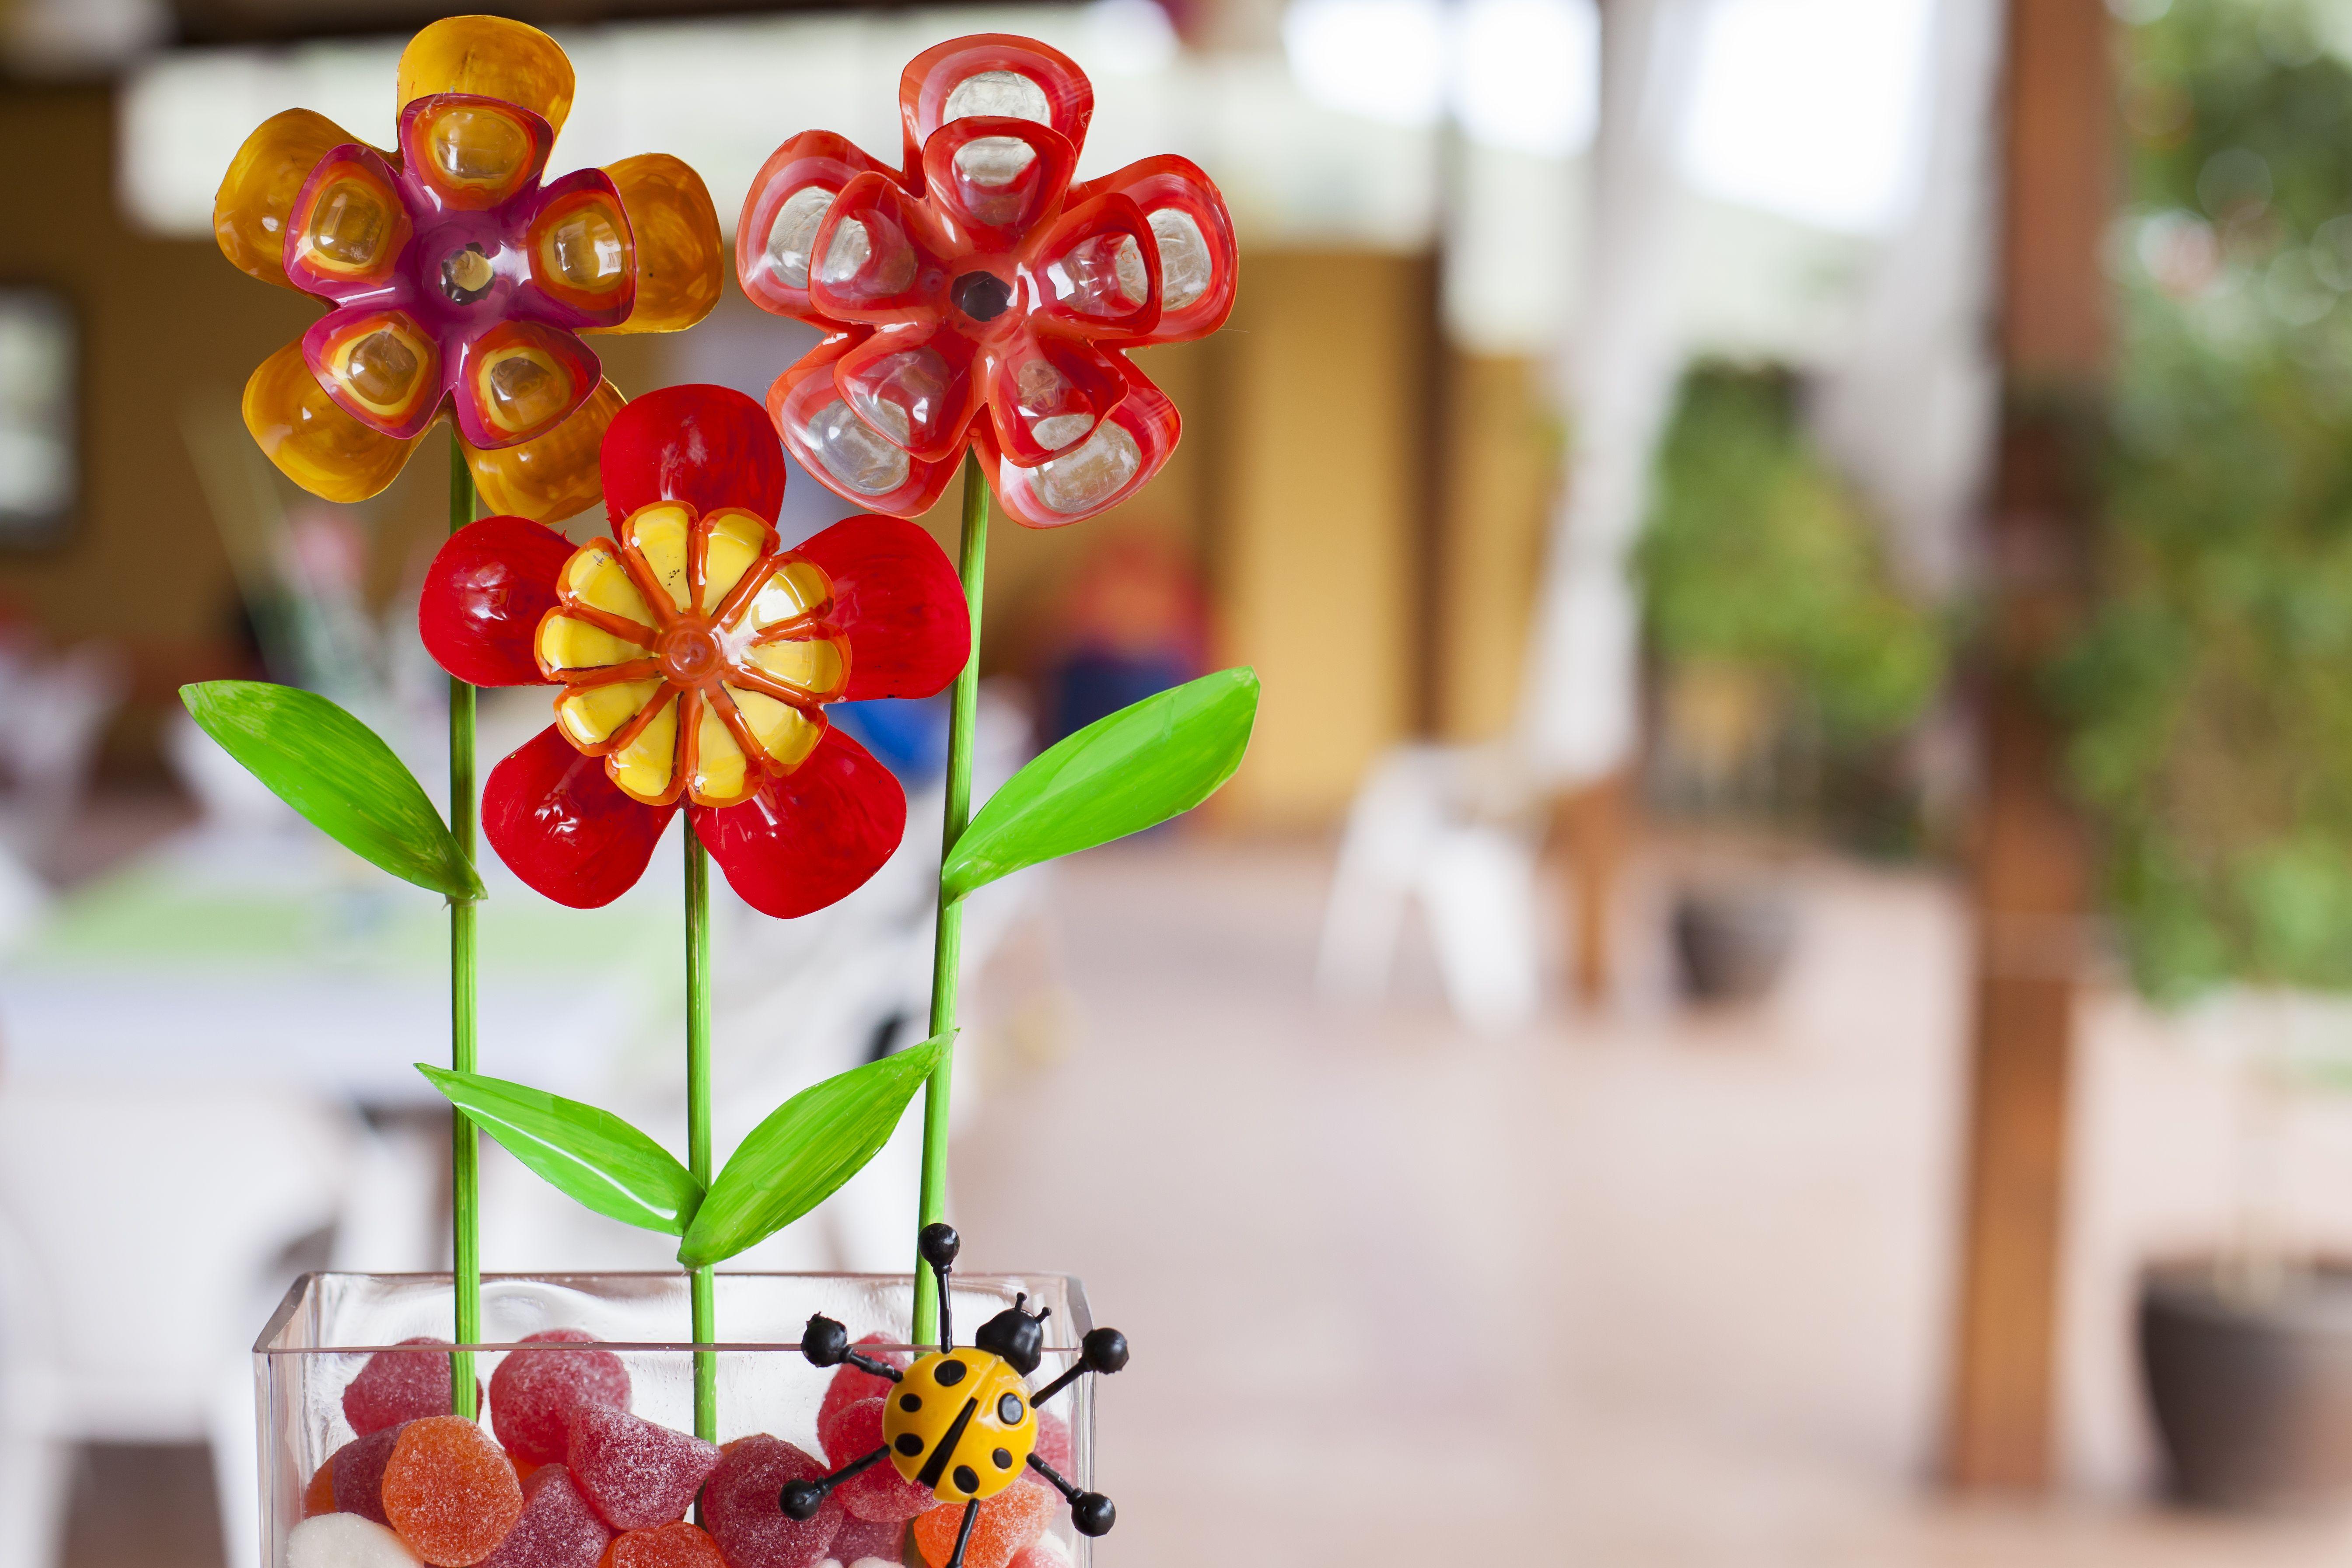 Esta fiesta se decoró RECICLANDO botellas de PET transformándolas en hermosísimos arreglos de mesas y se aprovechó la ocasión para hacer campaña ambiental ya que el tema de la fiesta hacia alusión al agua, flores e insectos…